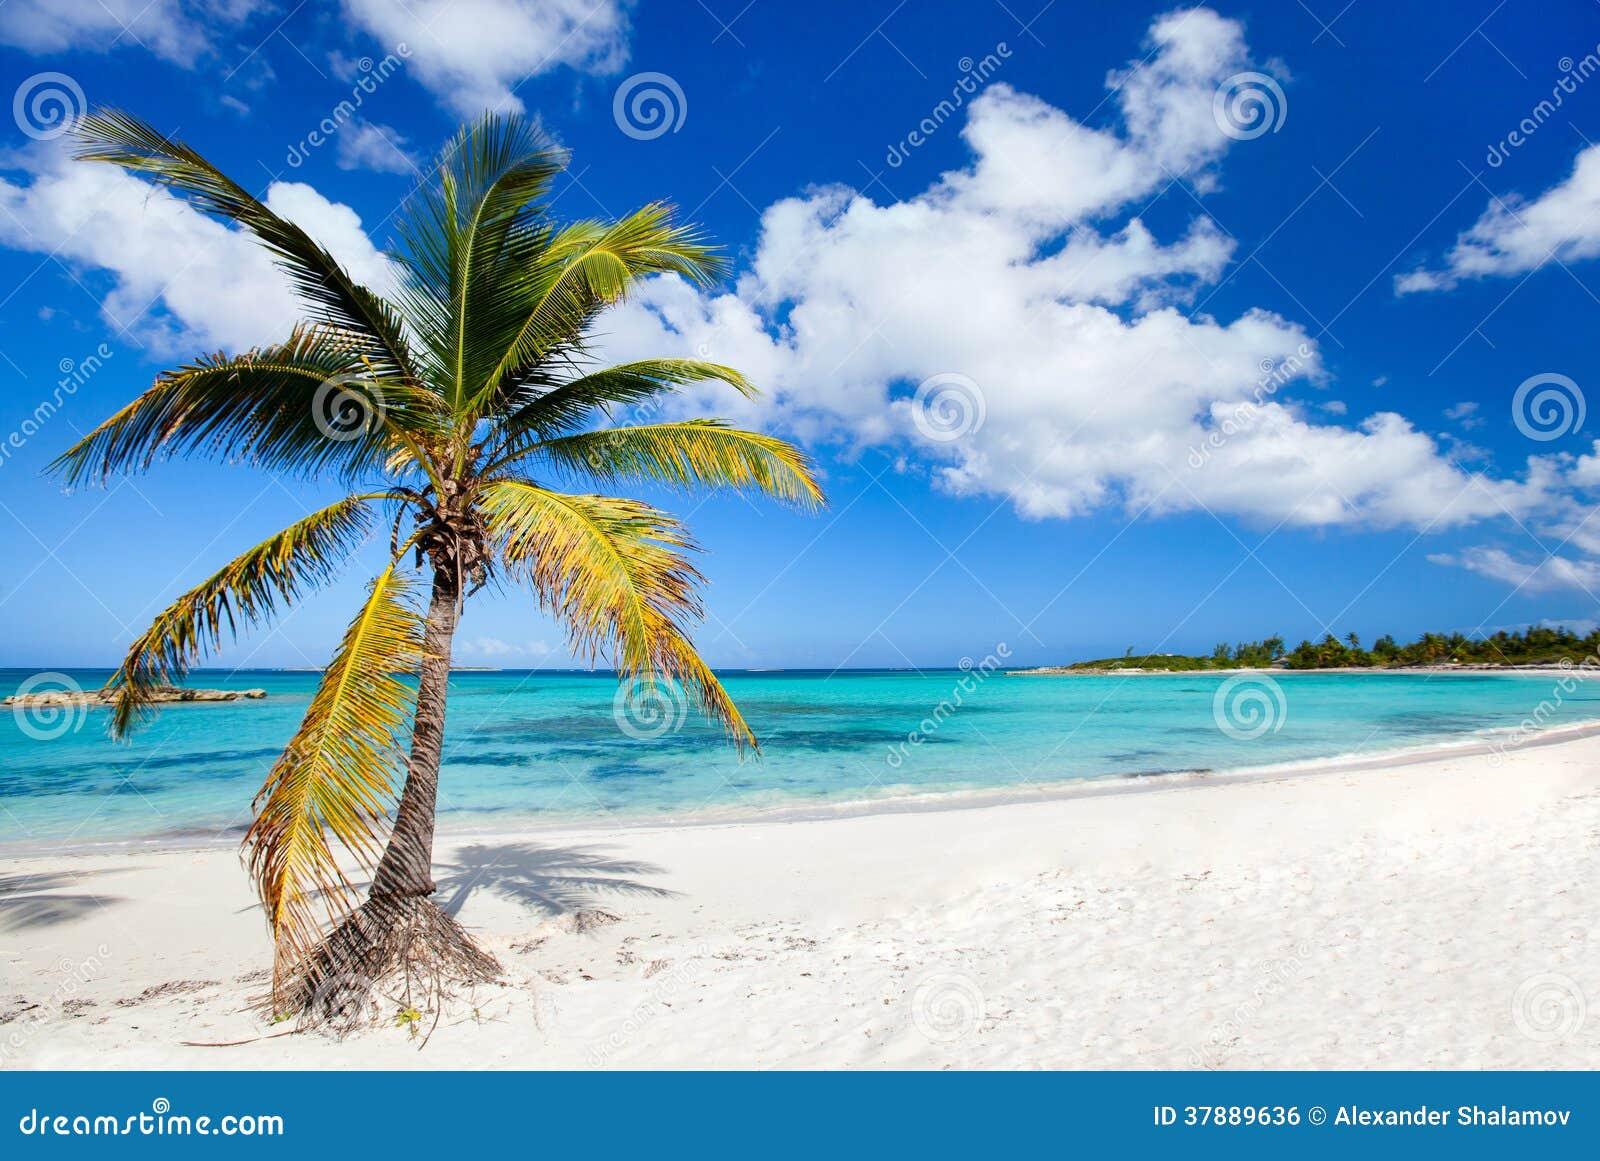 Härlig karibisk strand